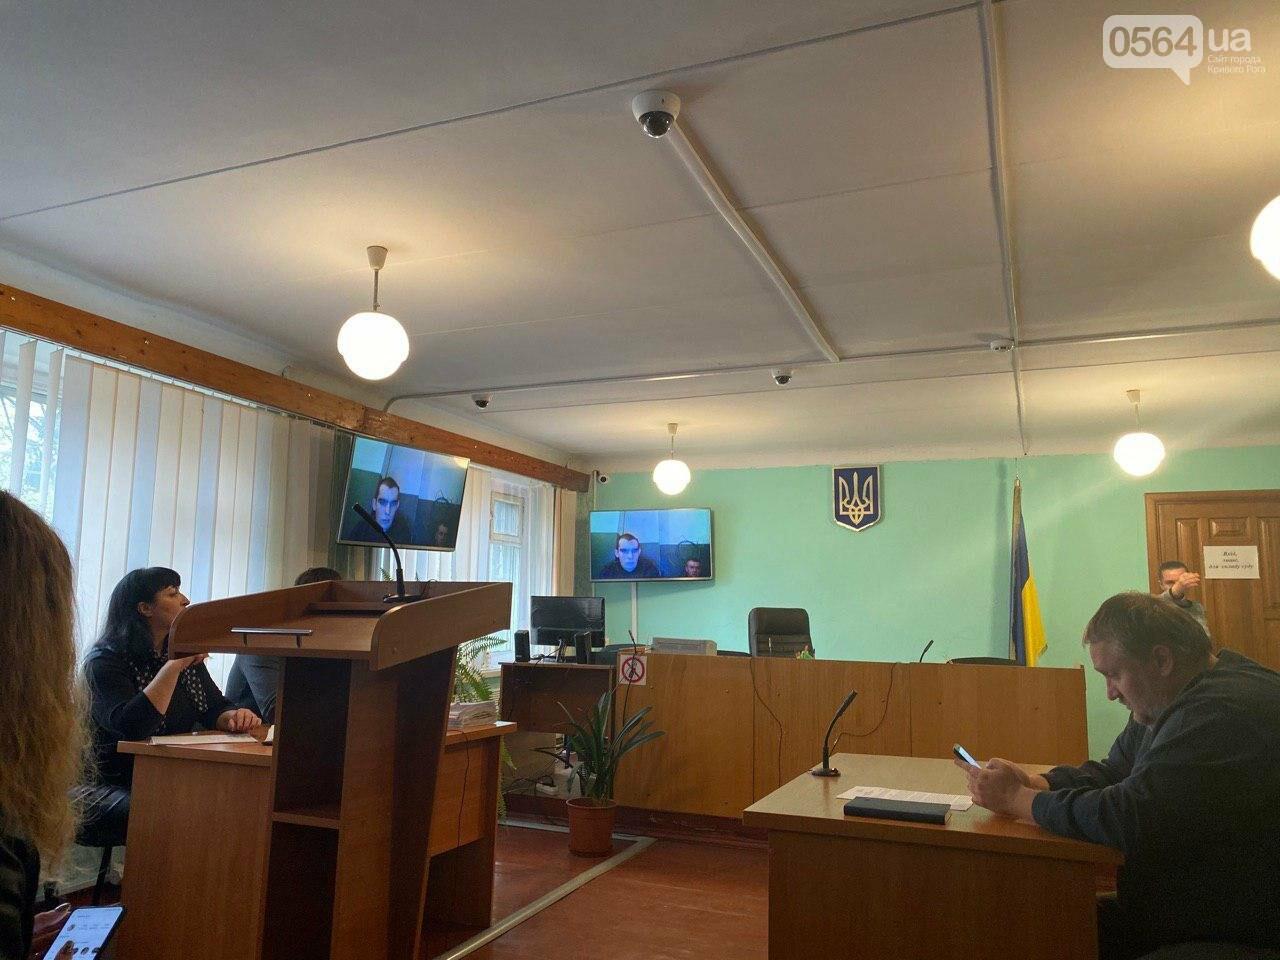 Нацгвардейца, исполосовавшего ножом таксиста в Кривом Роге, оставили под стражей еще на 2 месяца, - ФОТО , фото-5